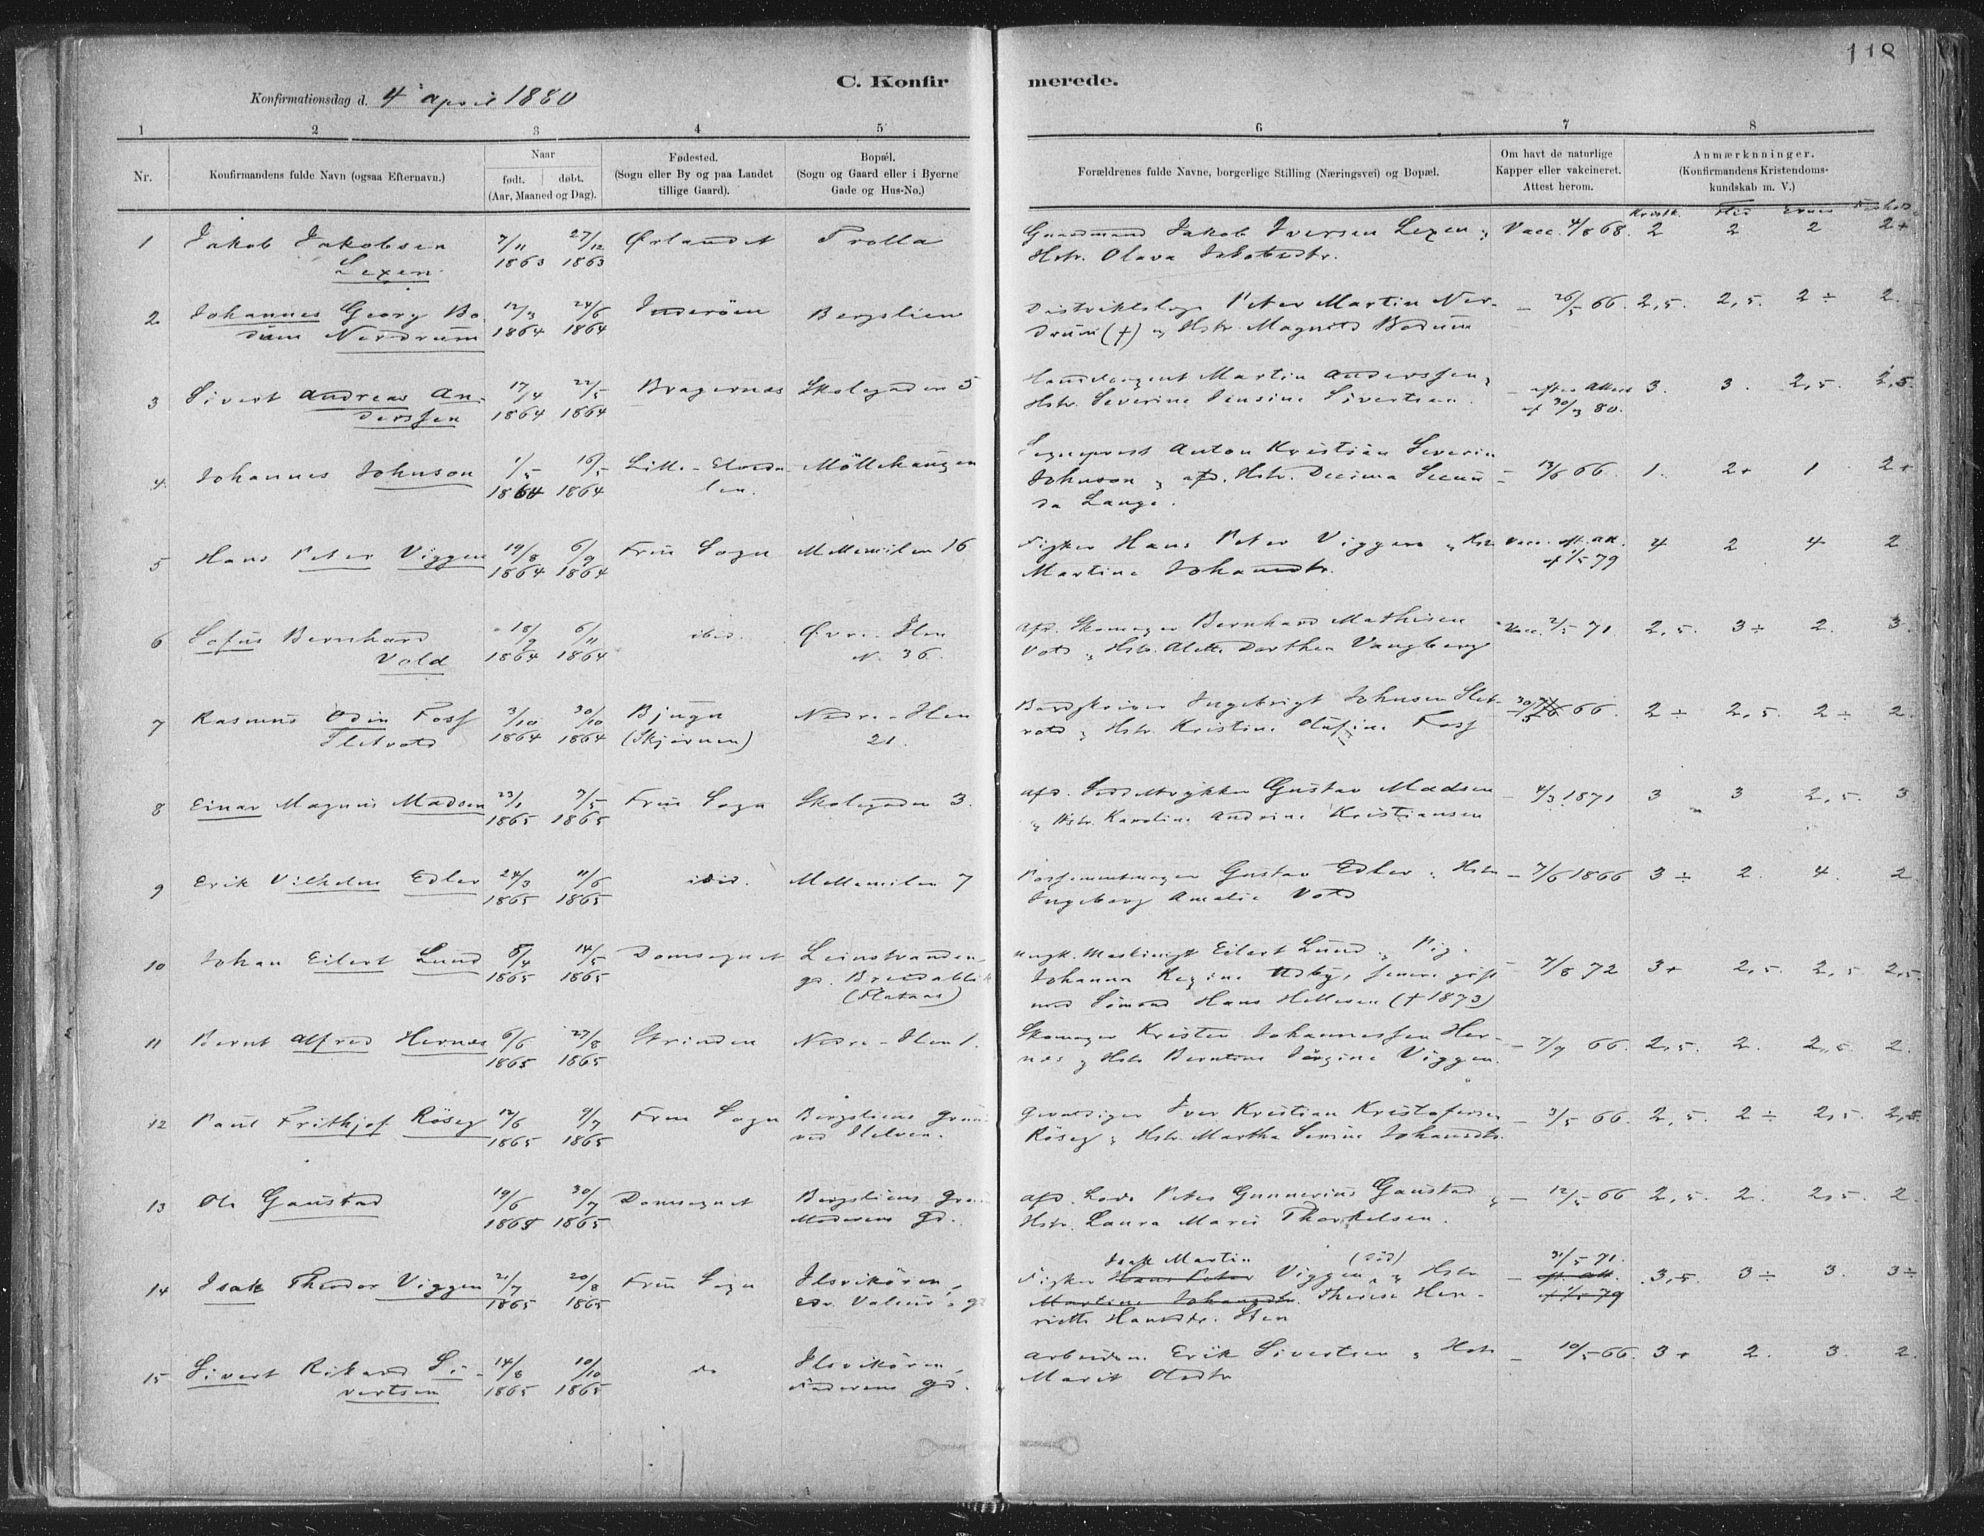 SAT, Ministerialprotokoller, klokkerbøker og fødselsregistre - Sør-Trøndelag, 603/L0162: Ministerialbok nr. 603A01, 1879-1895, s. 118